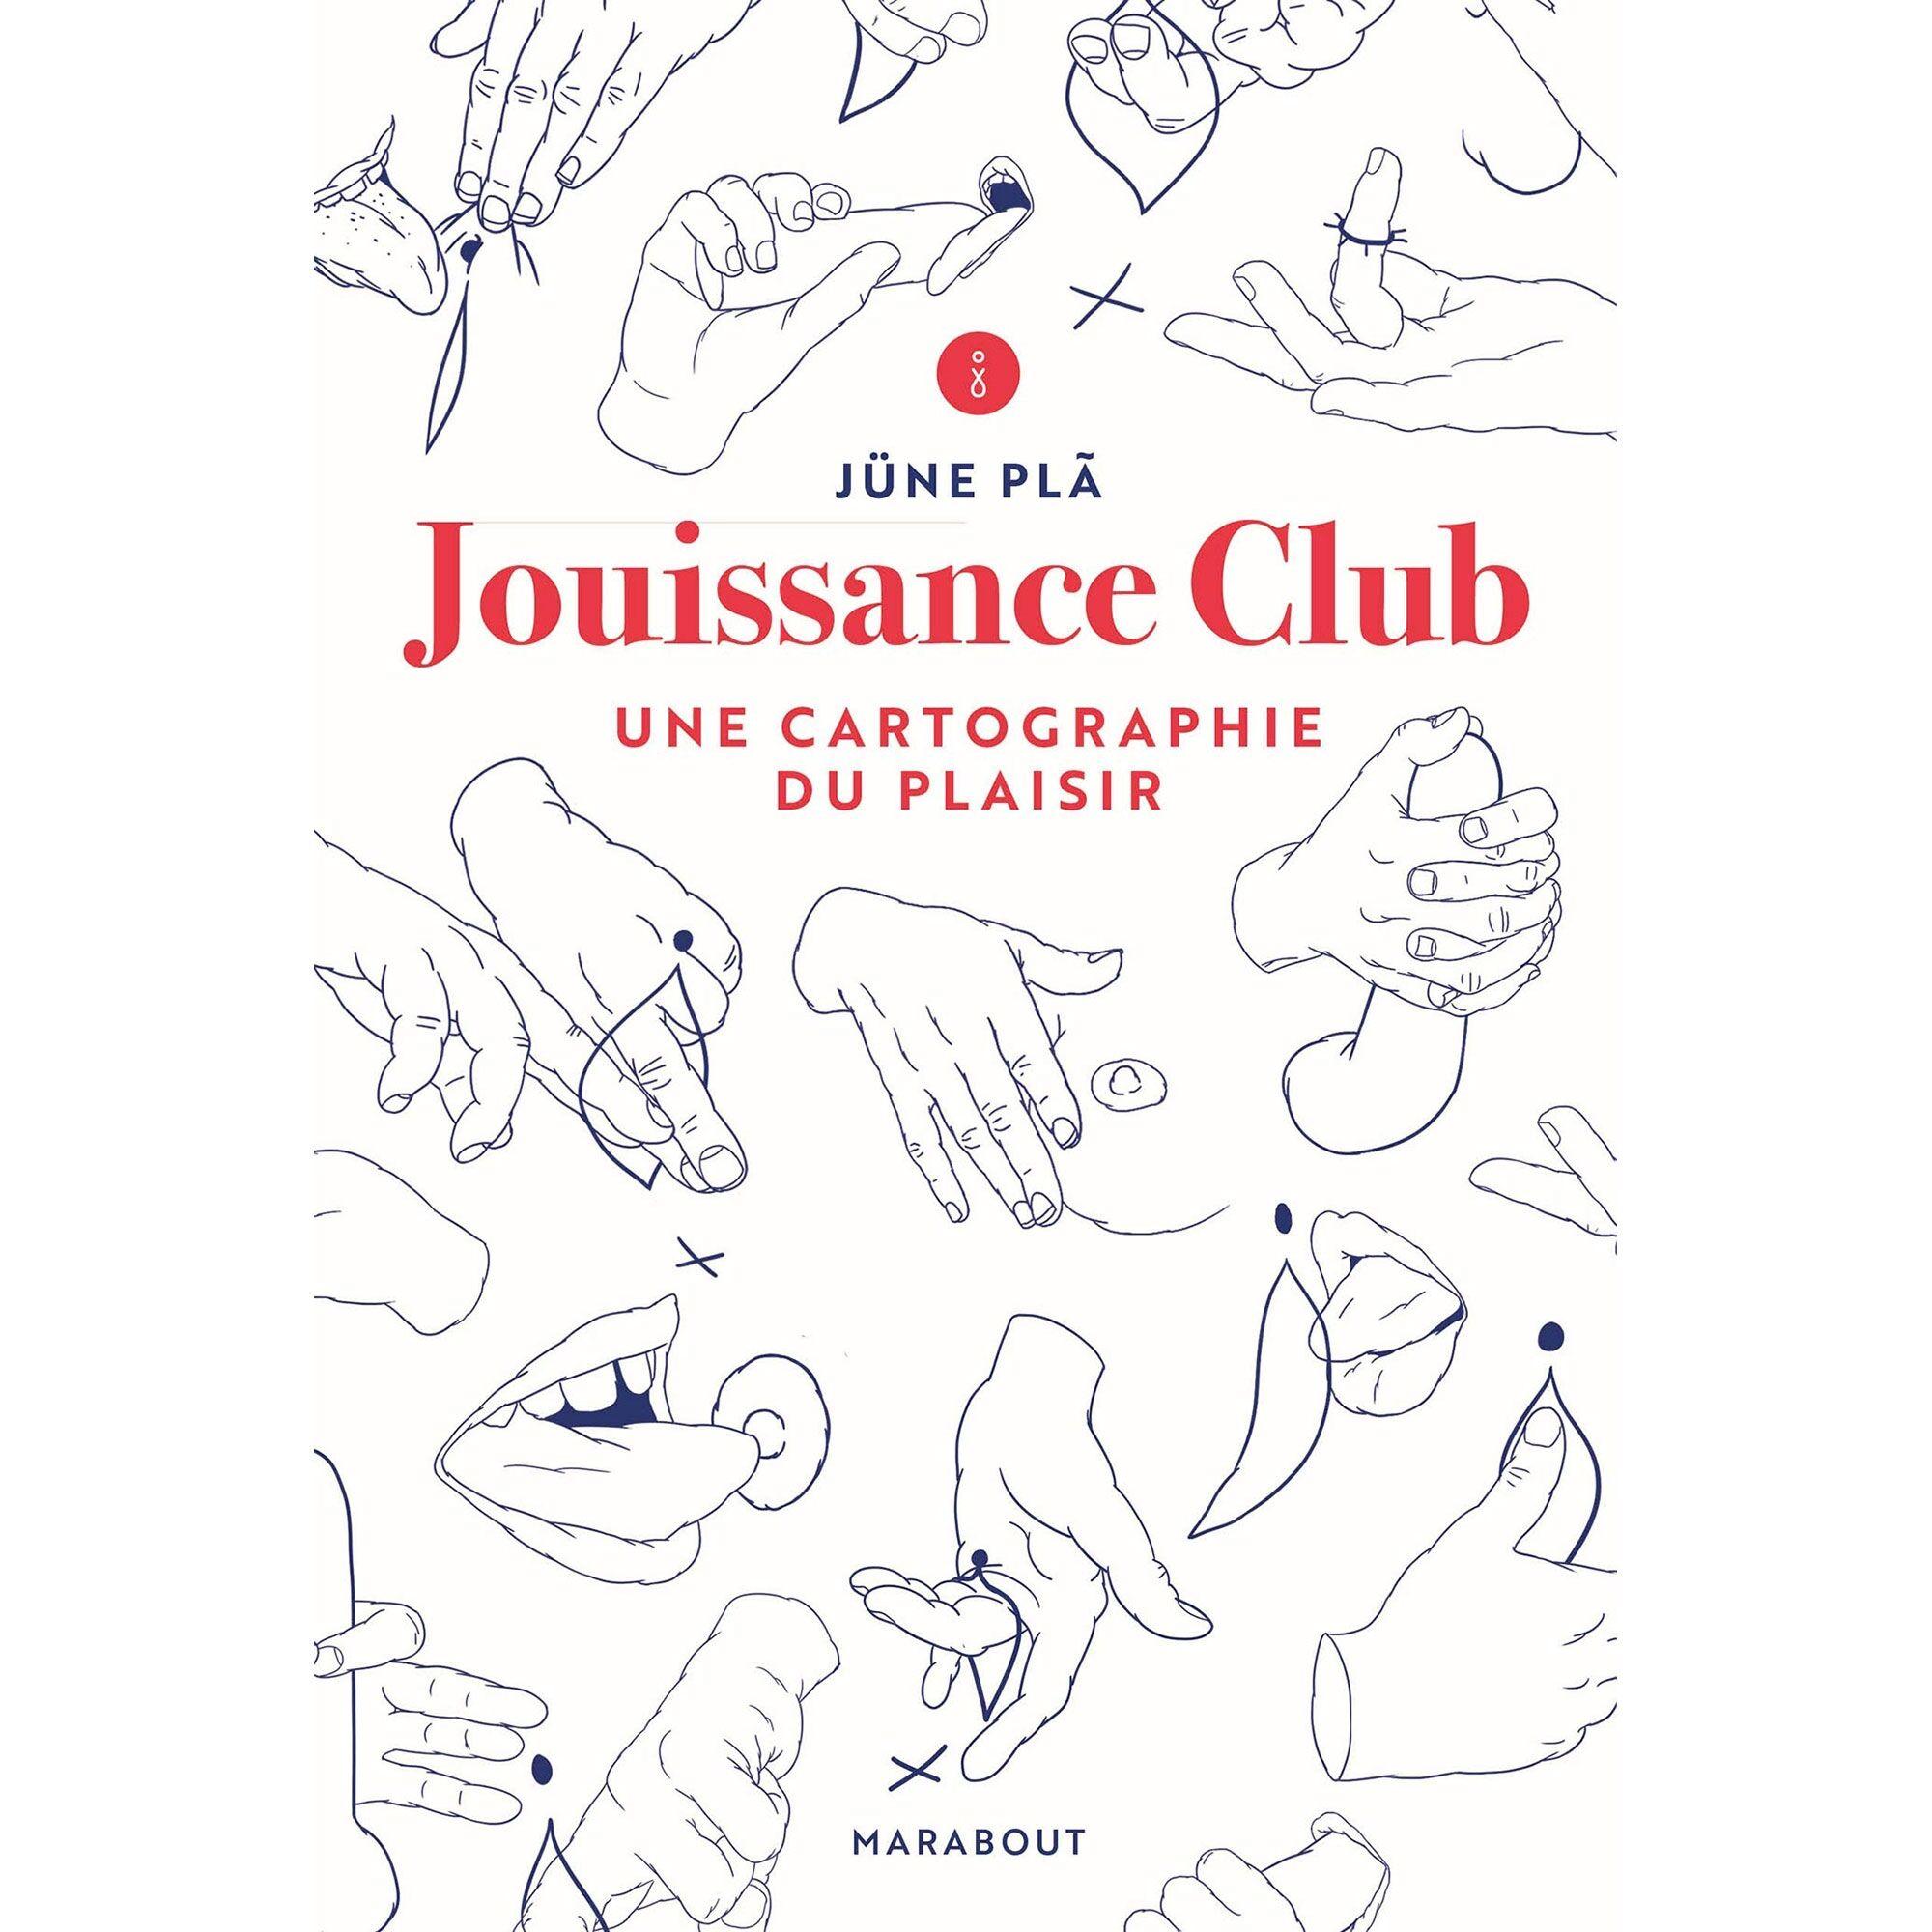 Marabout Jouissance Club - Une Cartographie du Plaisir